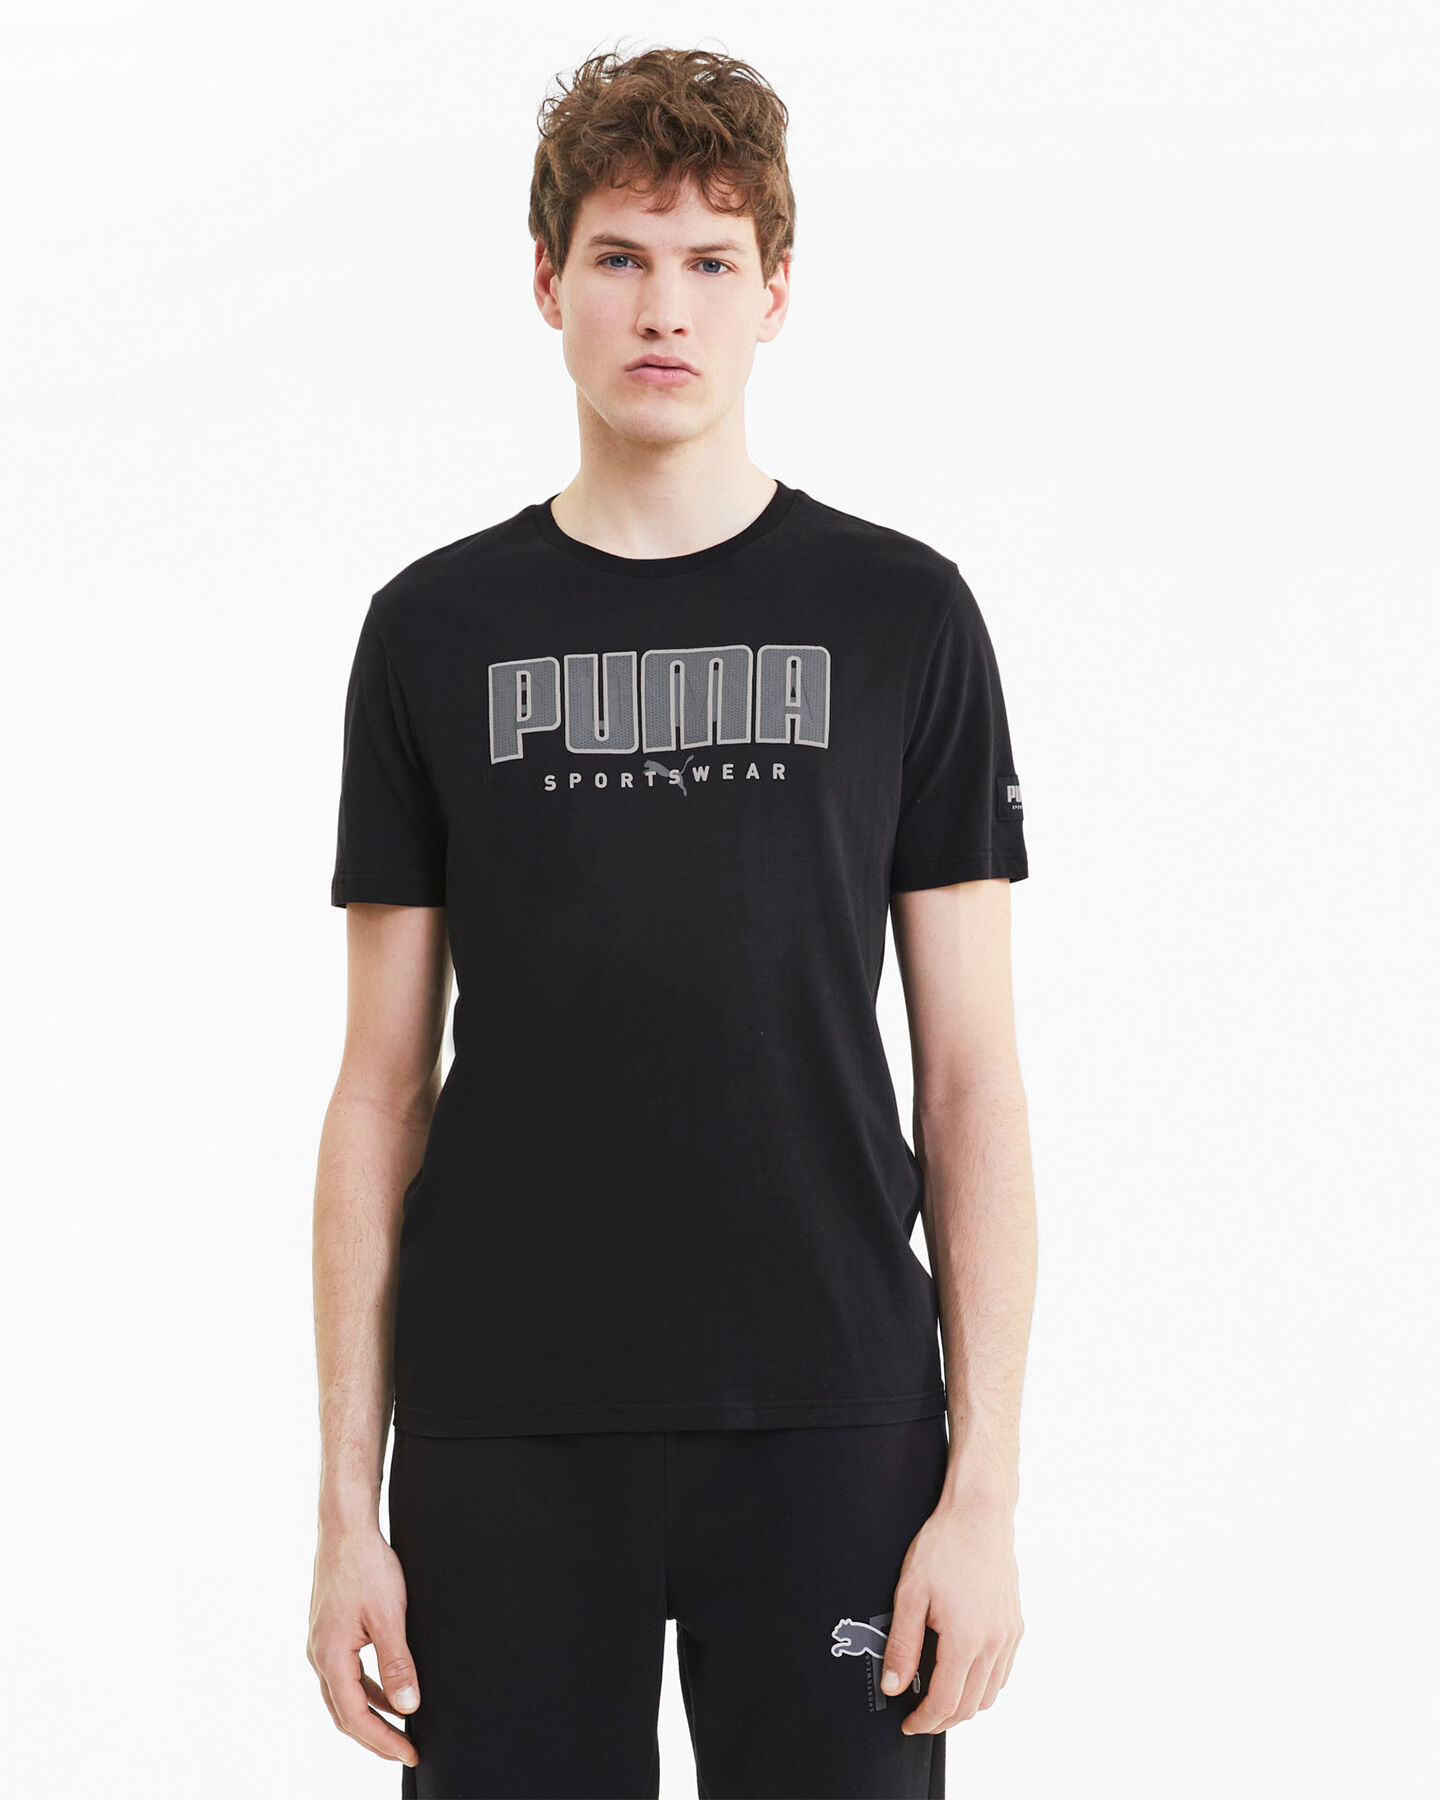 T-Shirt PUMA ATHTLETIC M S5235064 scatto 2